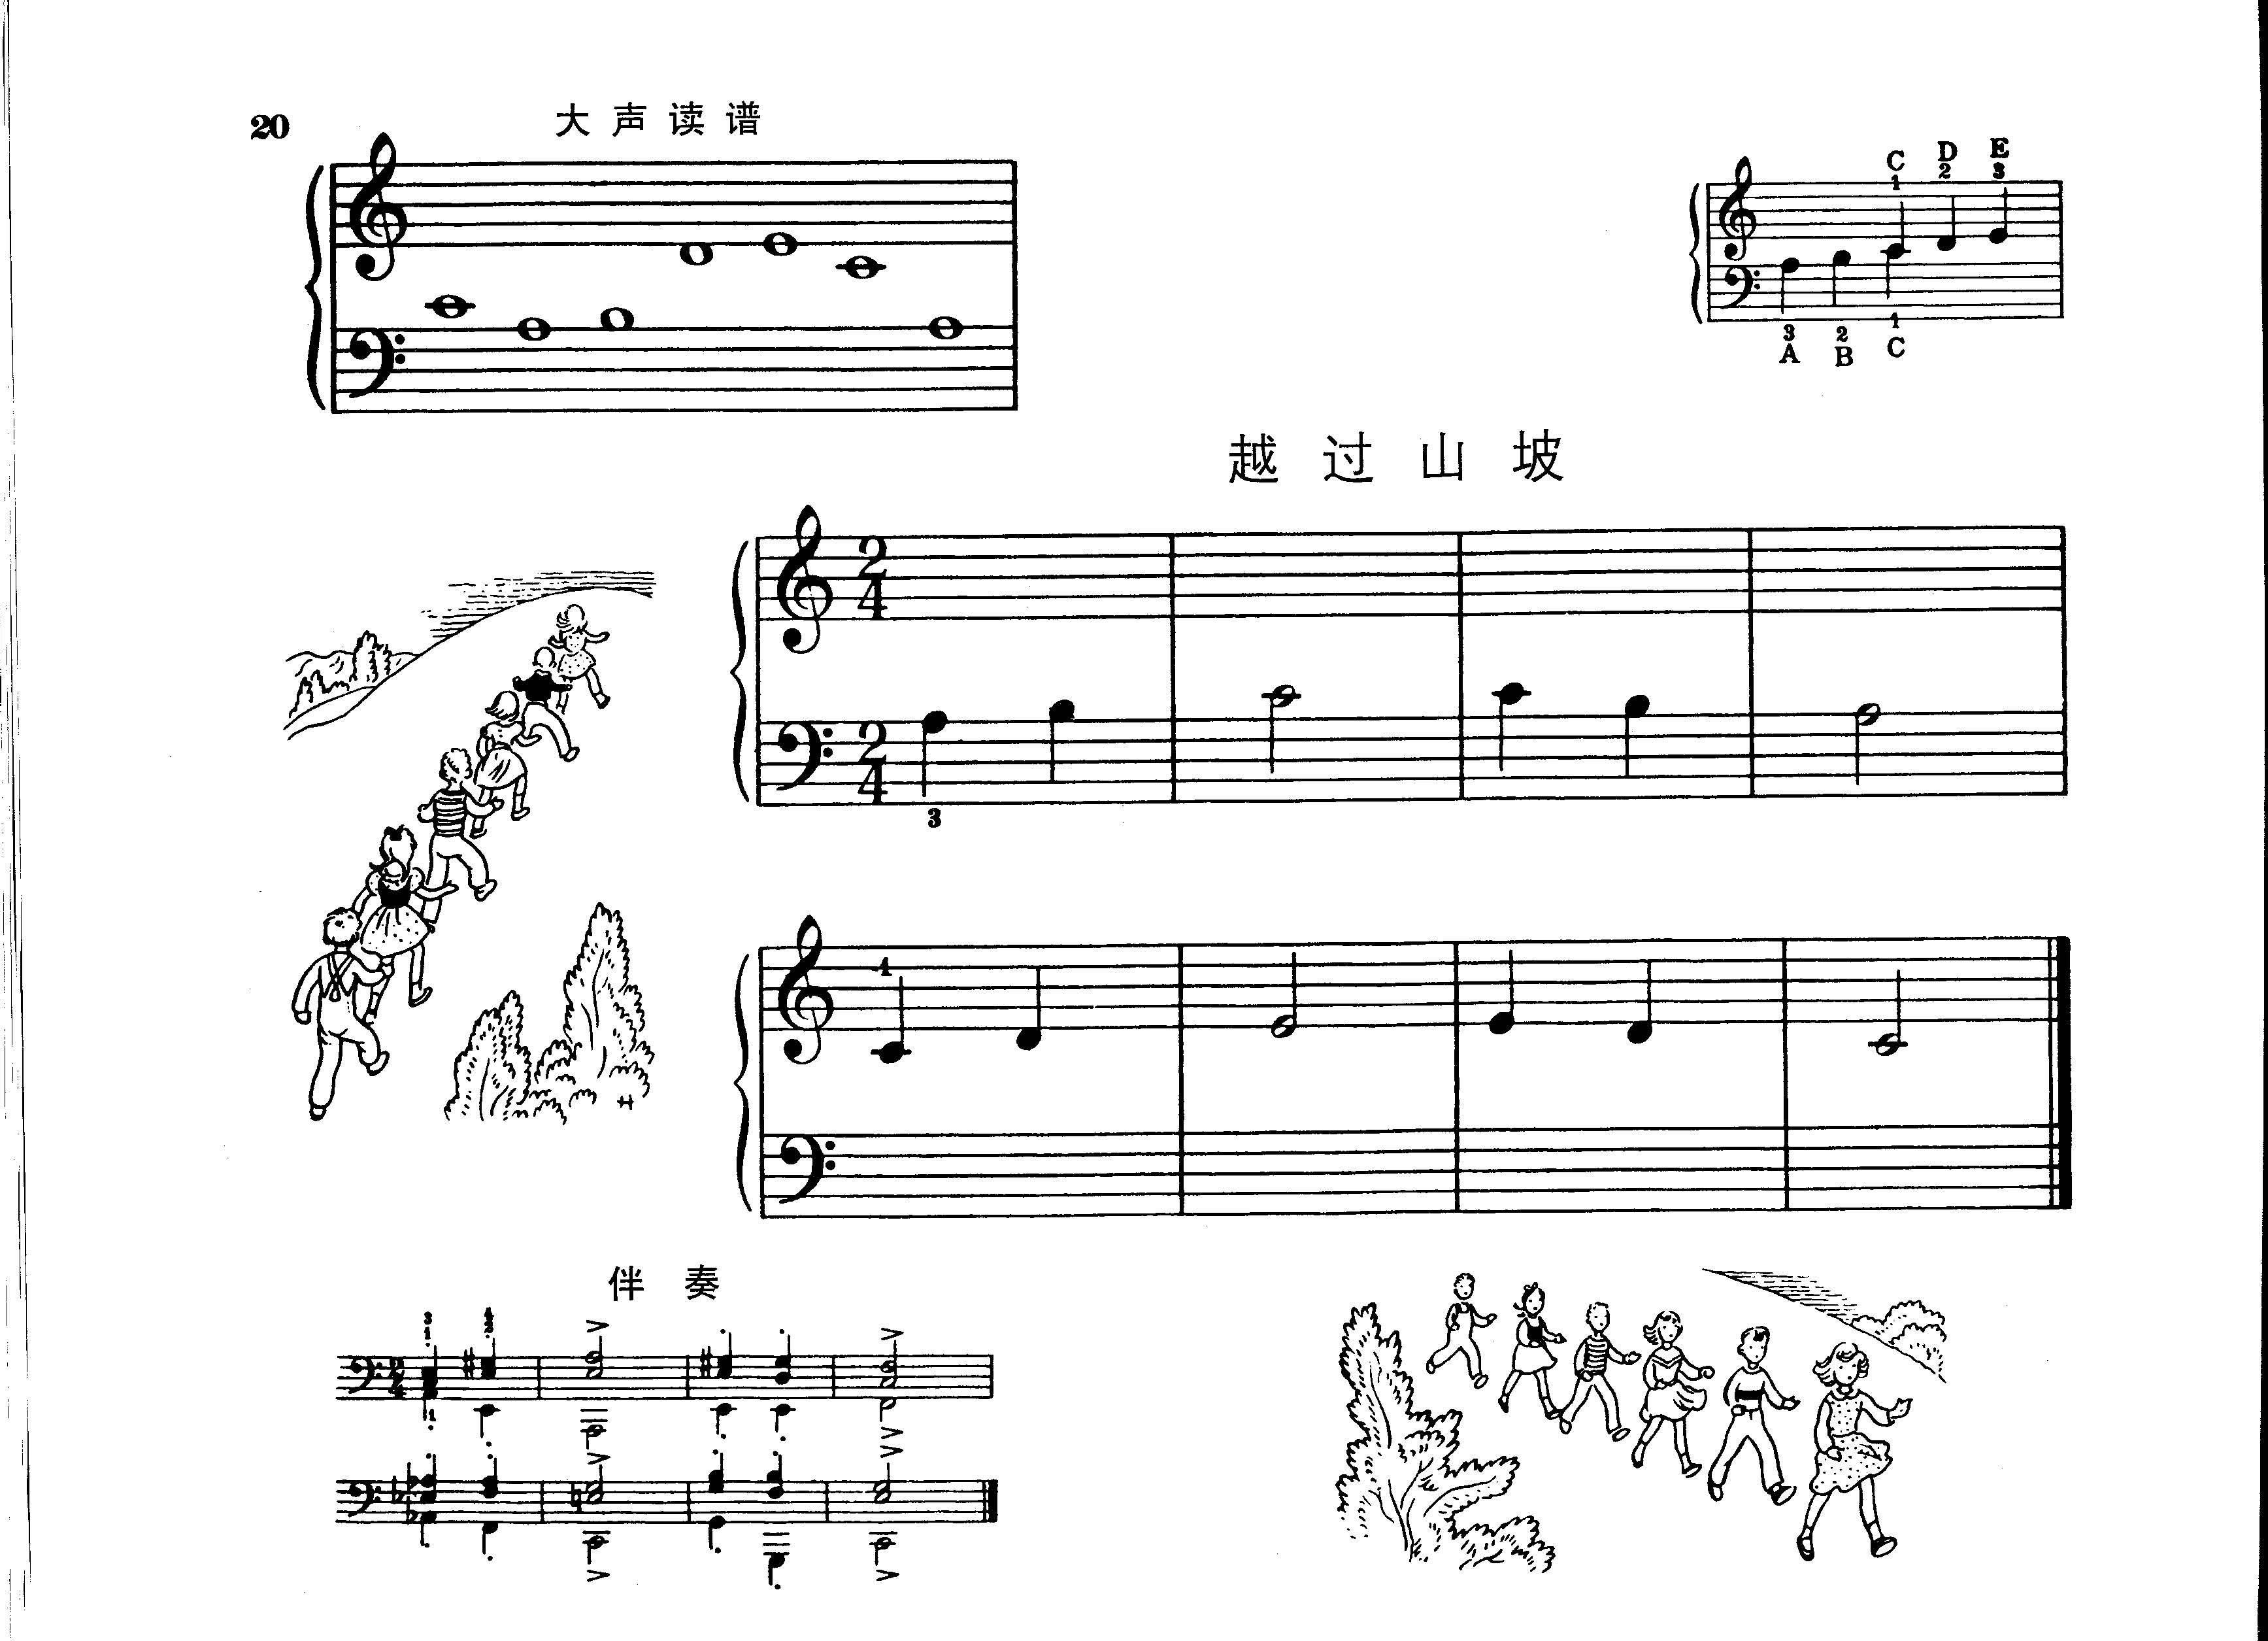 汤普森简易钢琴教程1_百度知道图片